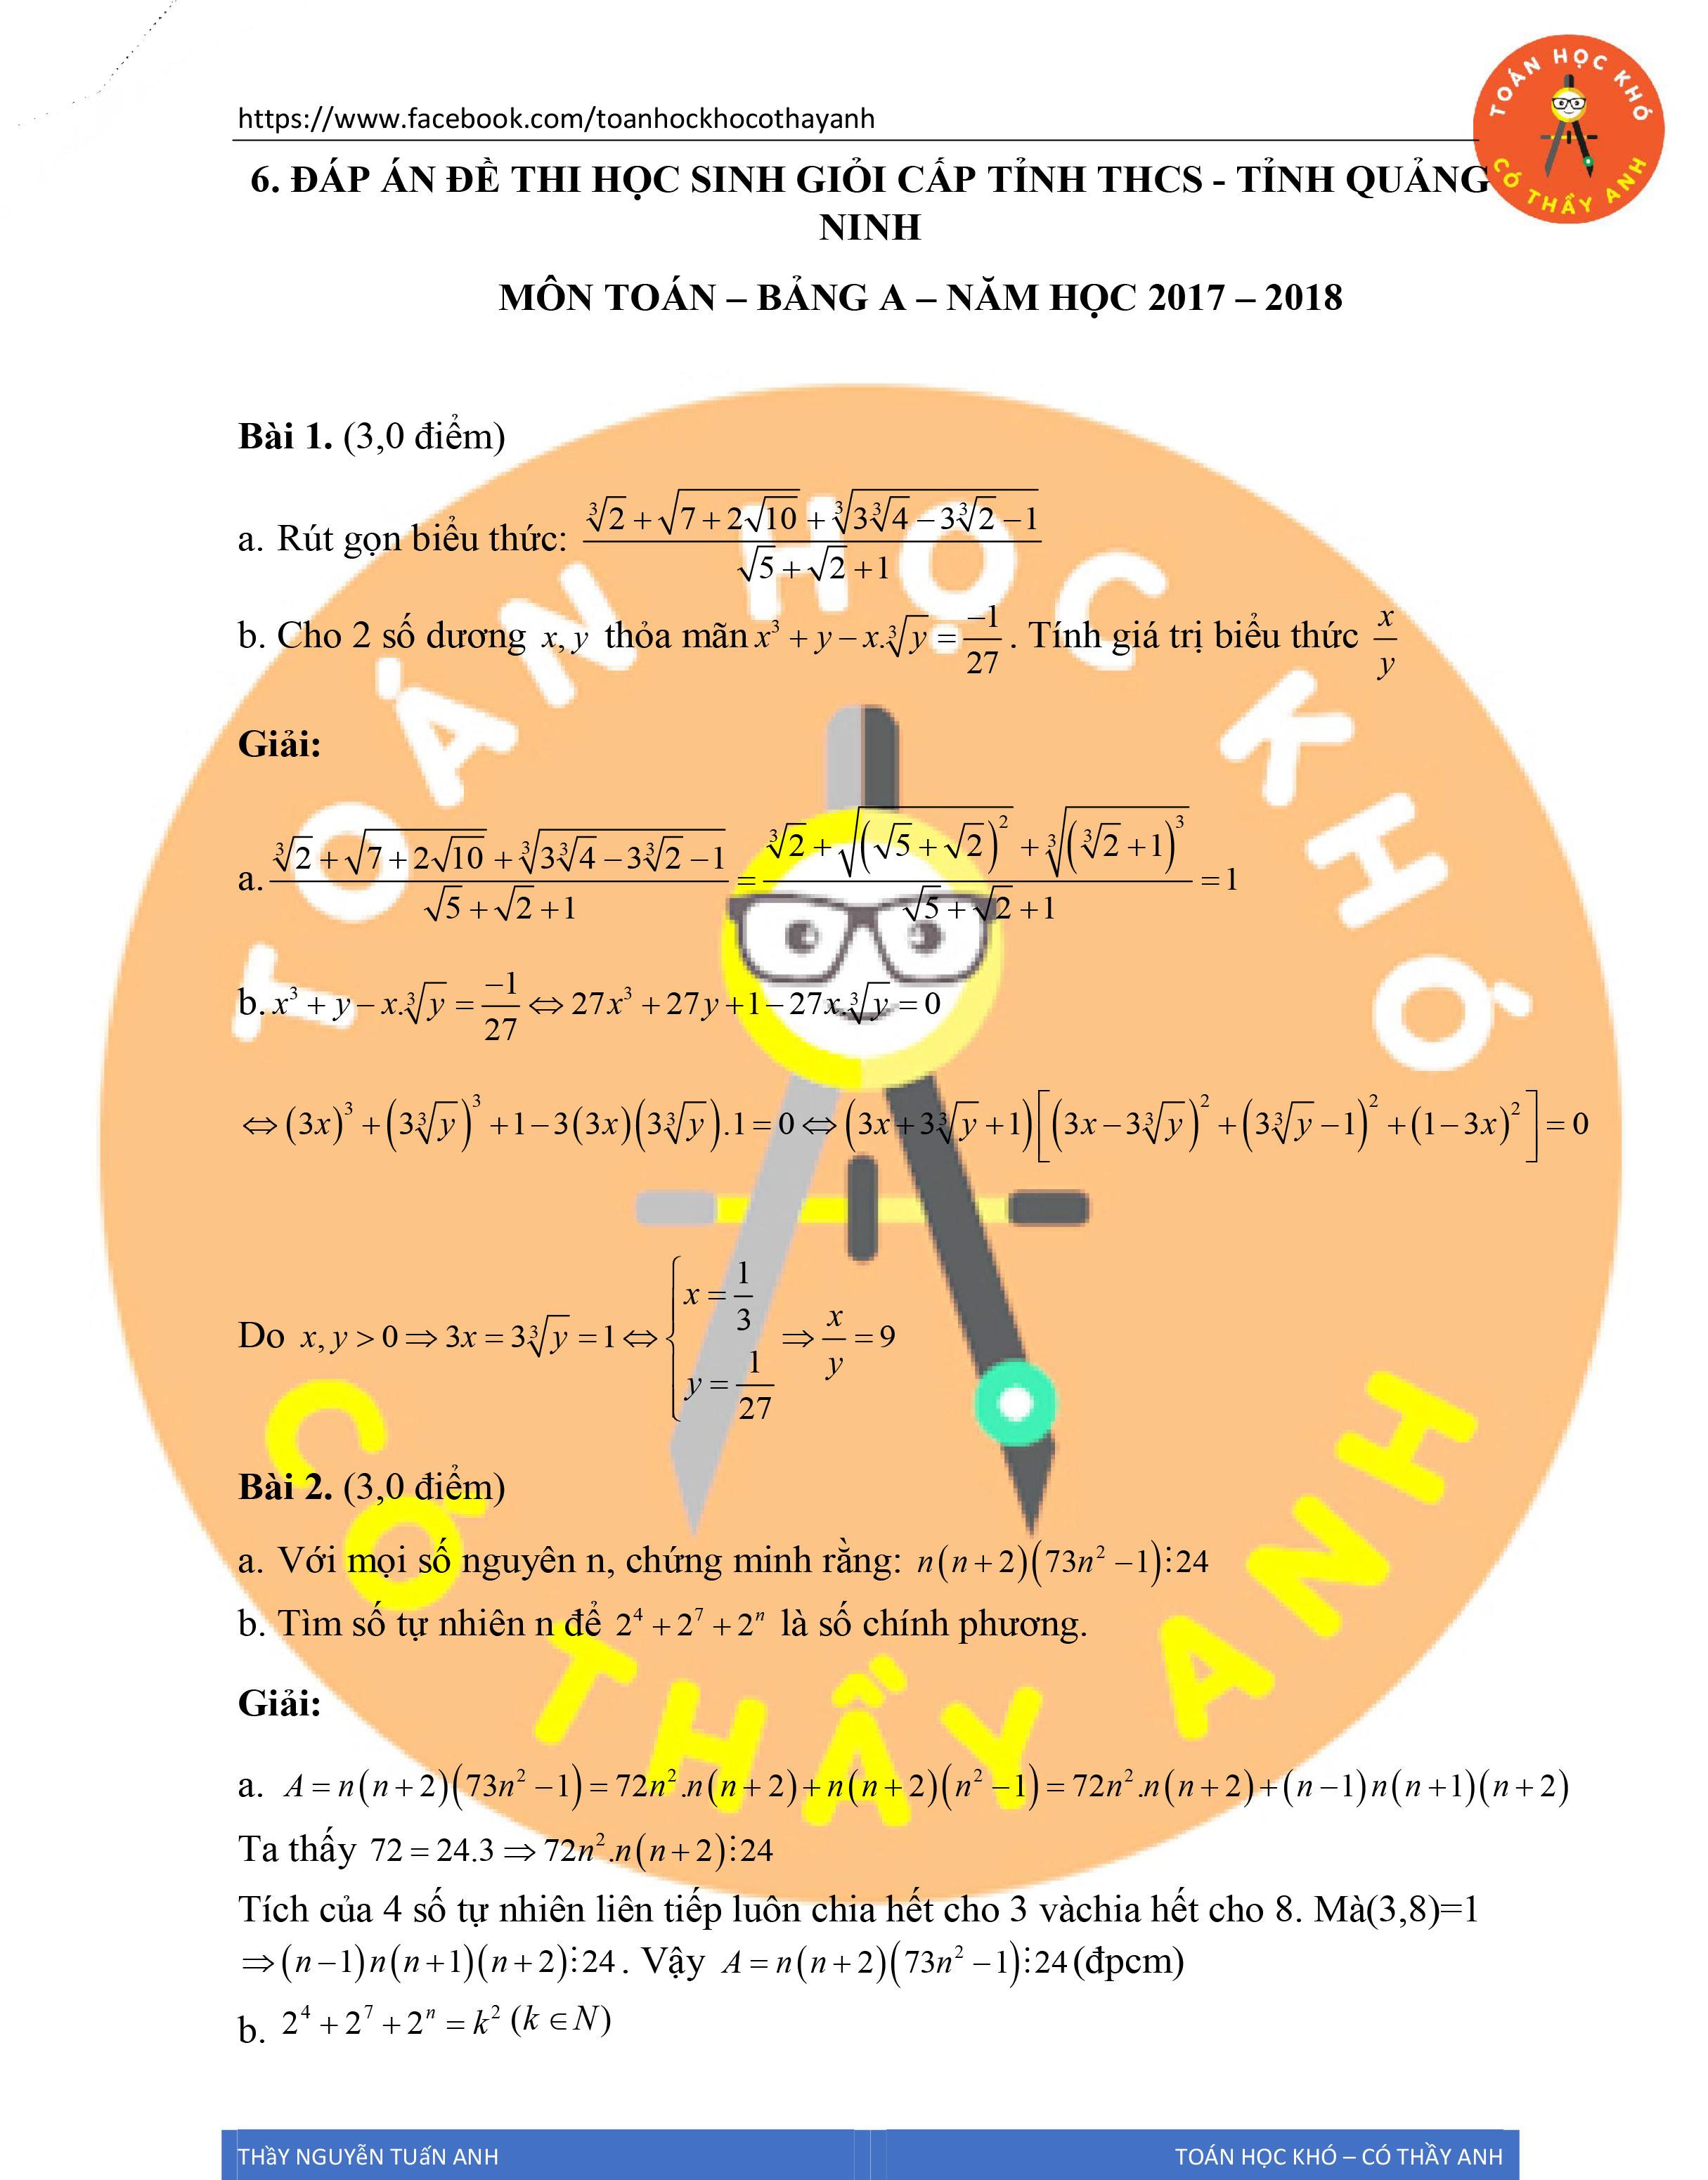 Đề thi và đáp án học sinh giỏi môn Toán THCS tỉnh Quảng Ninh